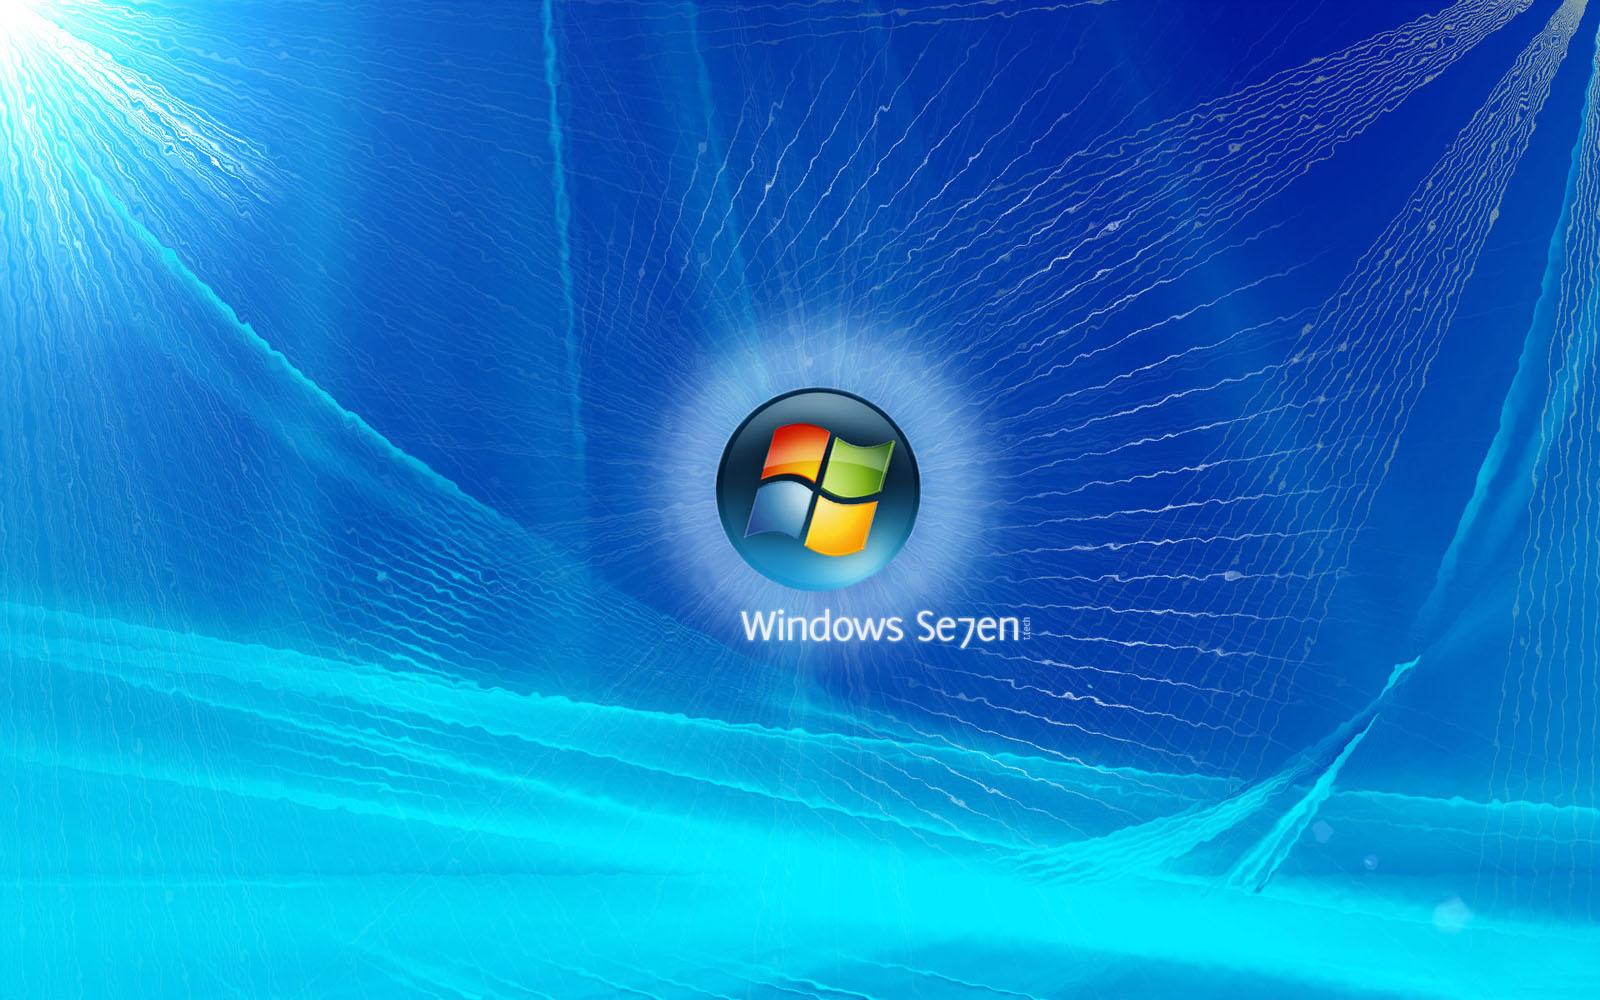 wallpapers: Windows 7 Wallpapers for Desktop